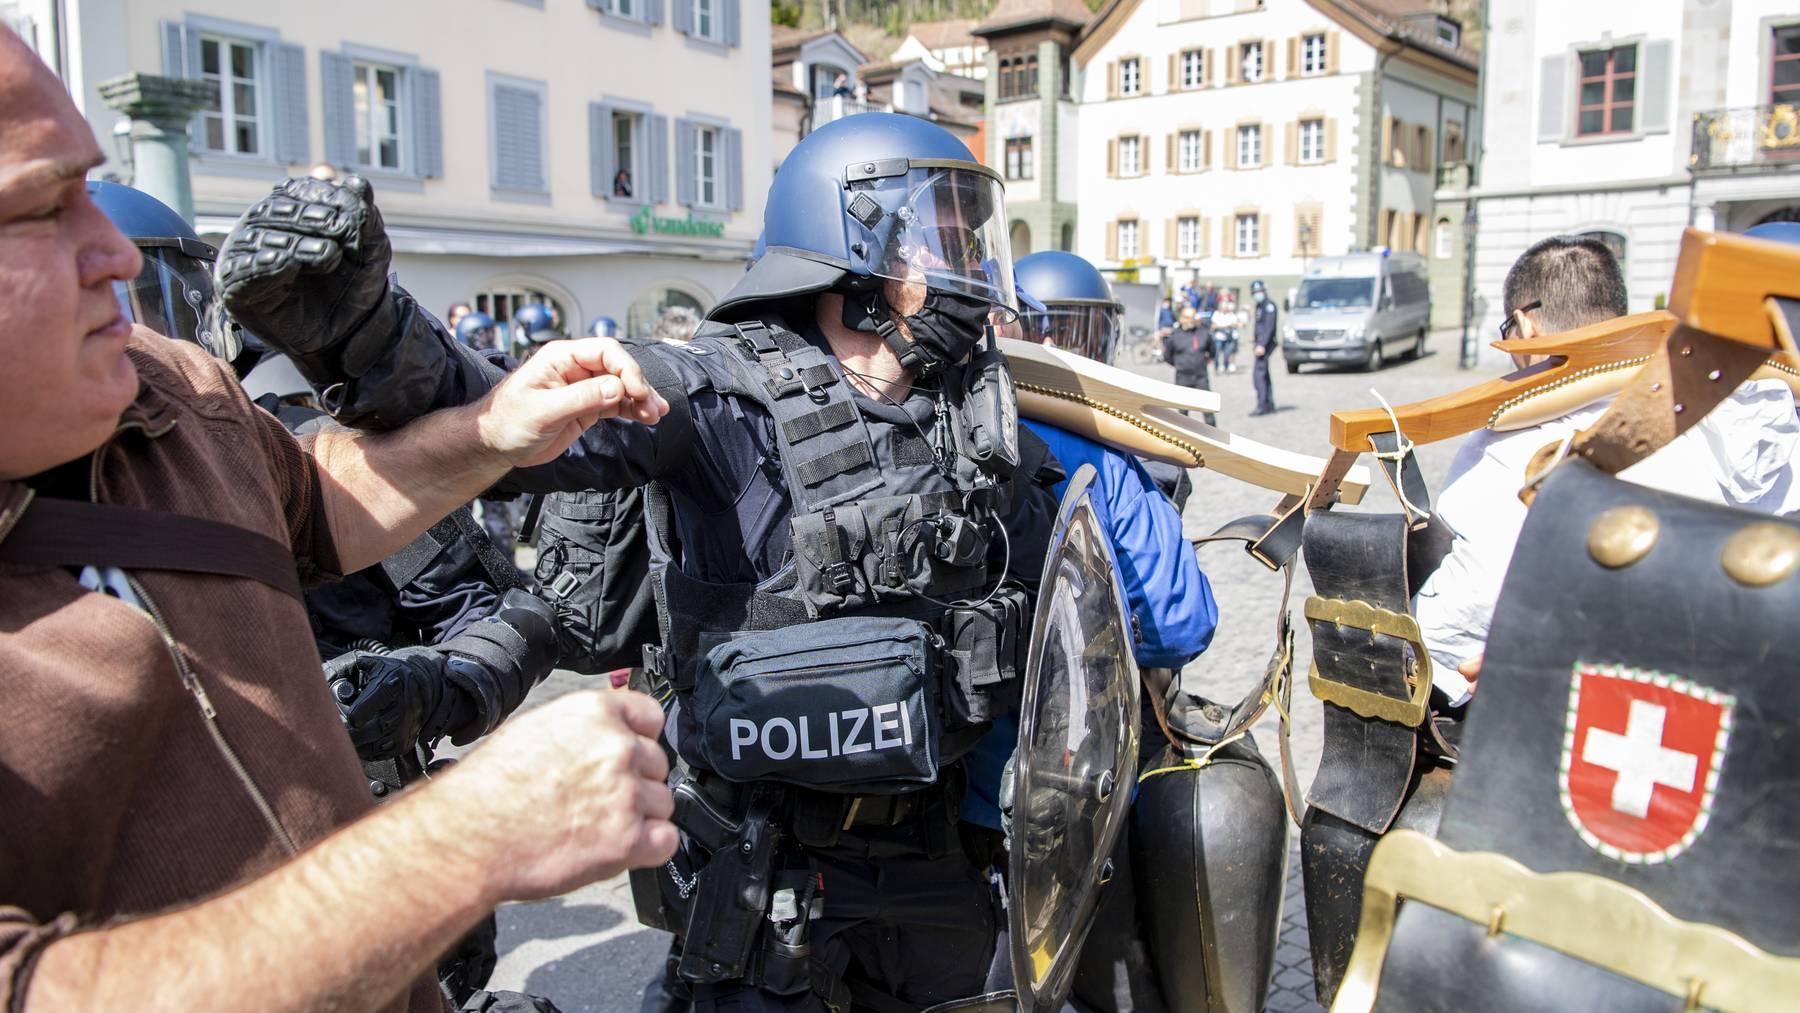 Bei den Demonstrationen gegen die Corona-Massnahmen kommt es immer wieder zu Angriffen gegen Medienschaffende.